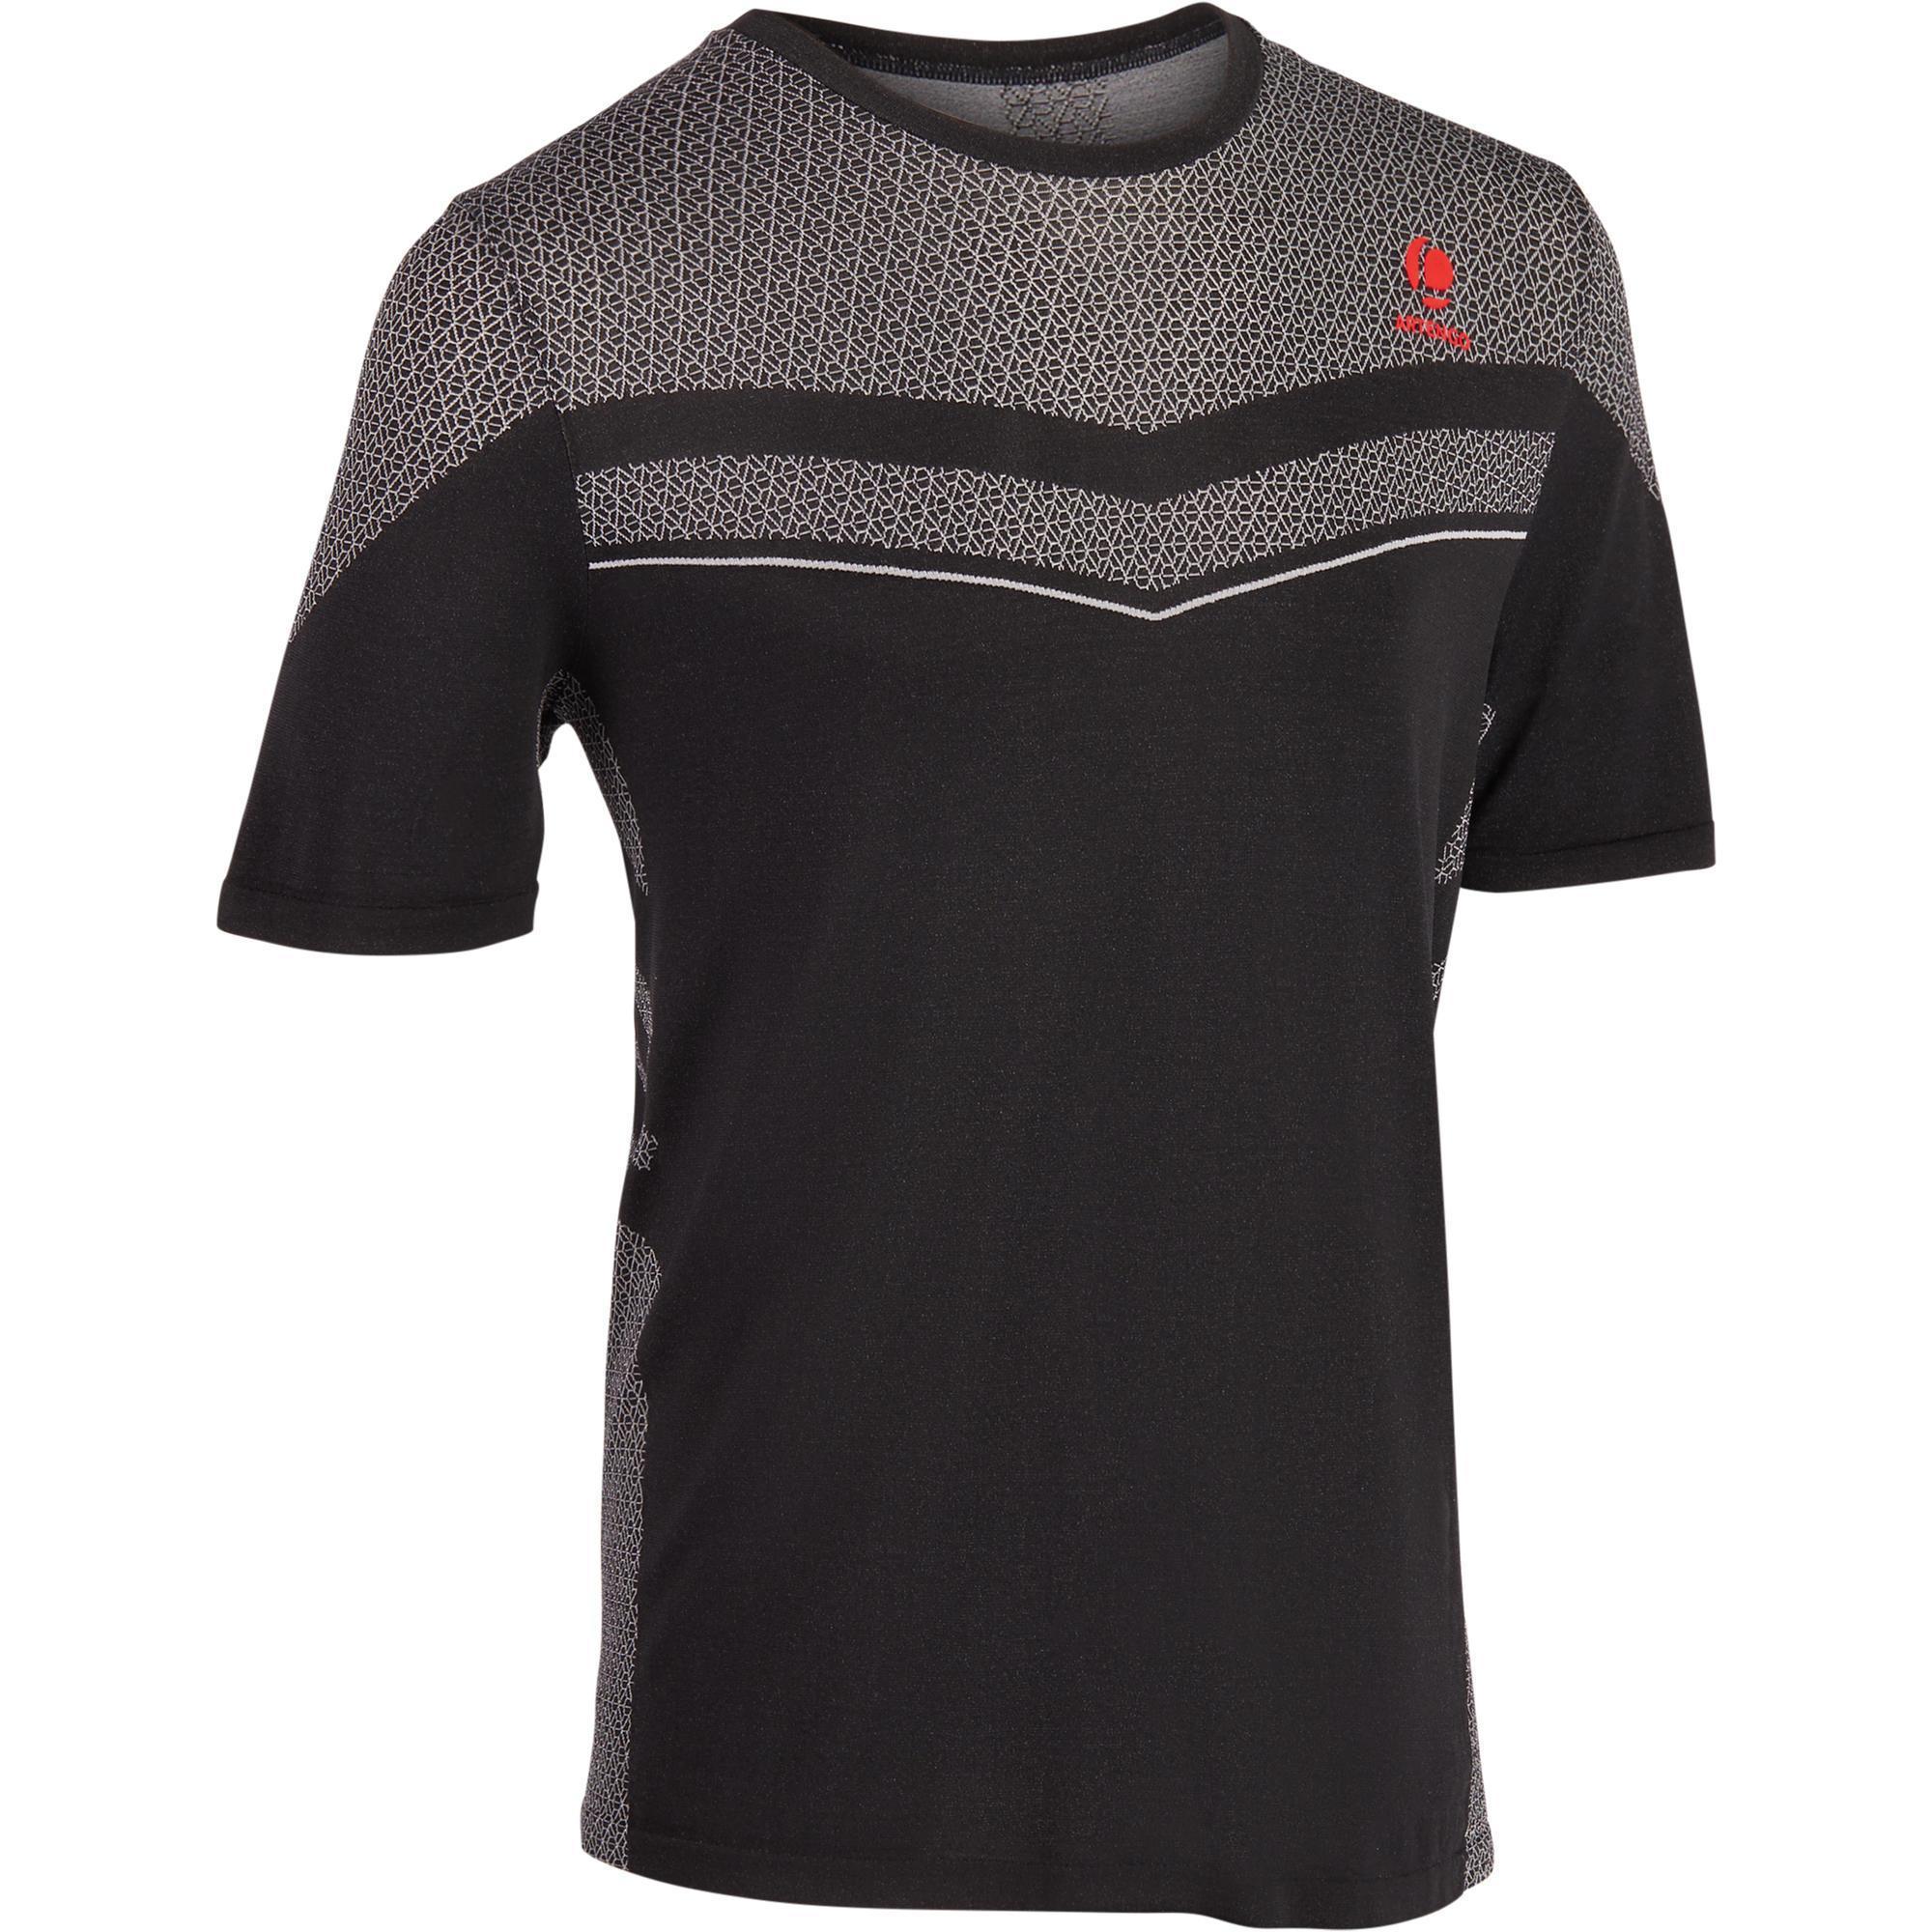 Artengo T-shirt tennis Light 990 heren zwart